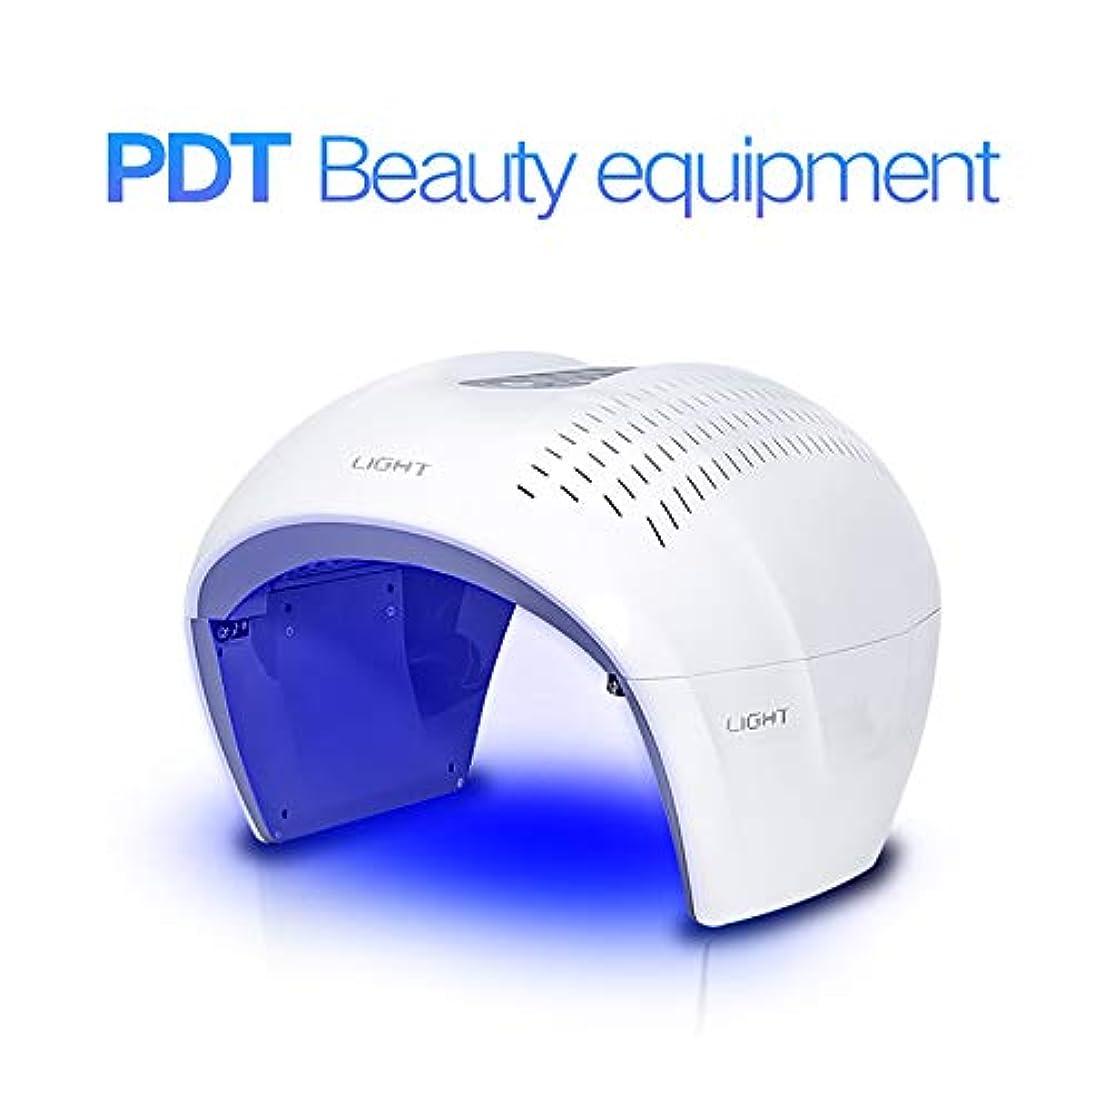 つぶすガイダンス構成健康な肌の若返りのコラーゲン、反老化、4色LEDの美のスキンケアの光子療法機械のための表面光子の赤灯療法